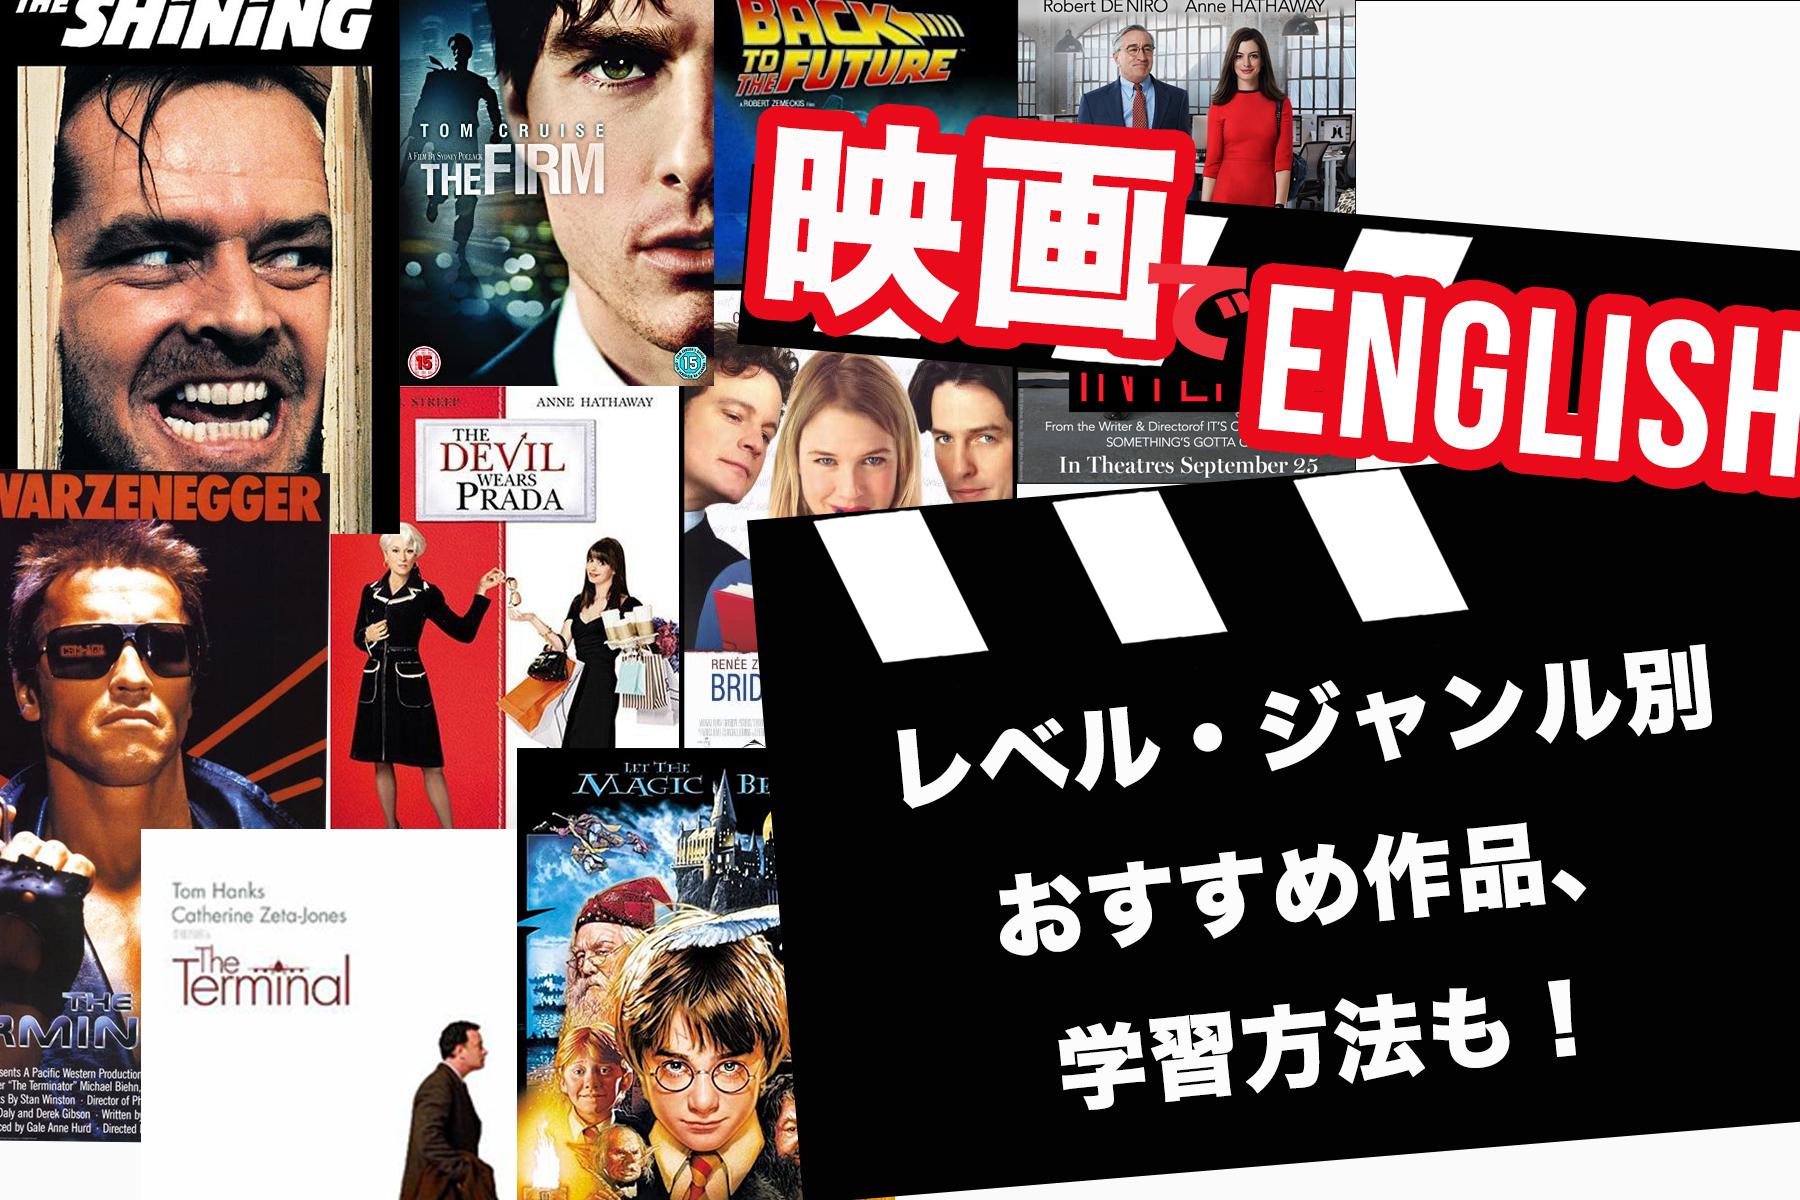 楽しく英語を勉強するなら映画!おすすめ作品、学習方法を紹介